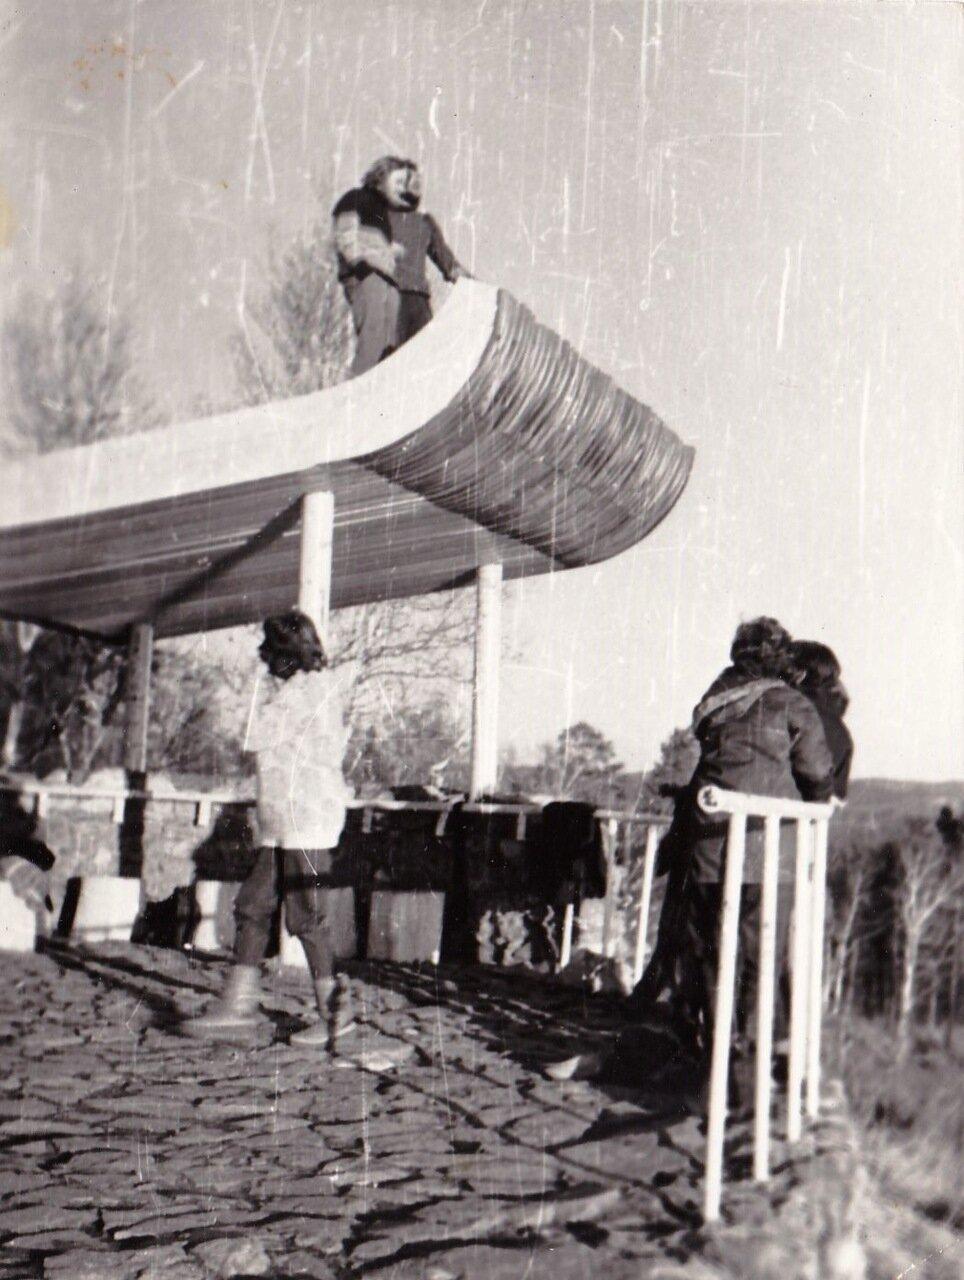 1989. Байкал. Поэтические чтения на Пике Черского